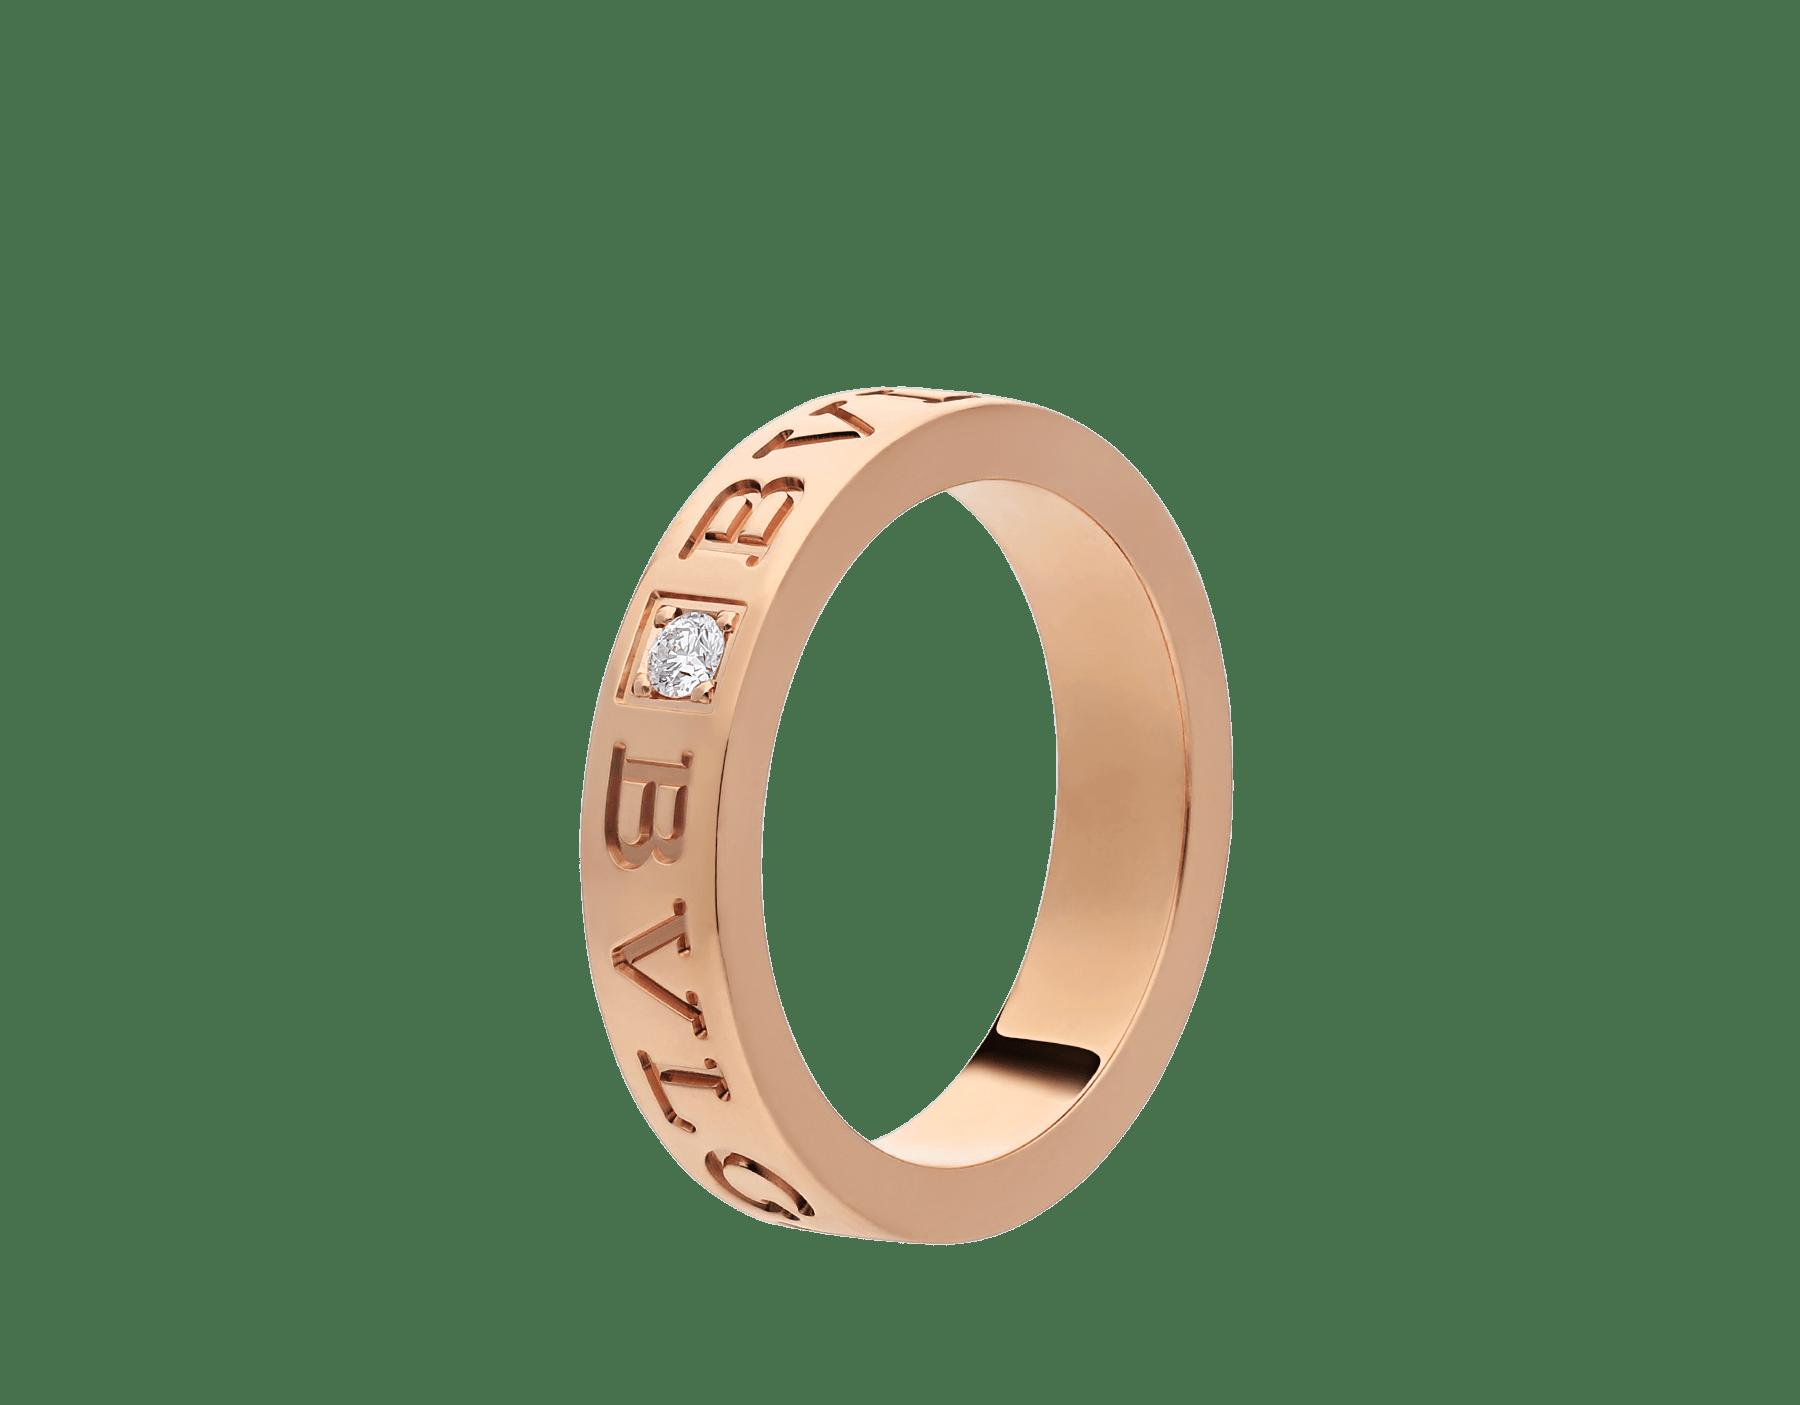 Bague BVLGARI BVLGARI en or rose 18K sertie d'un diamant AN854185 image 1